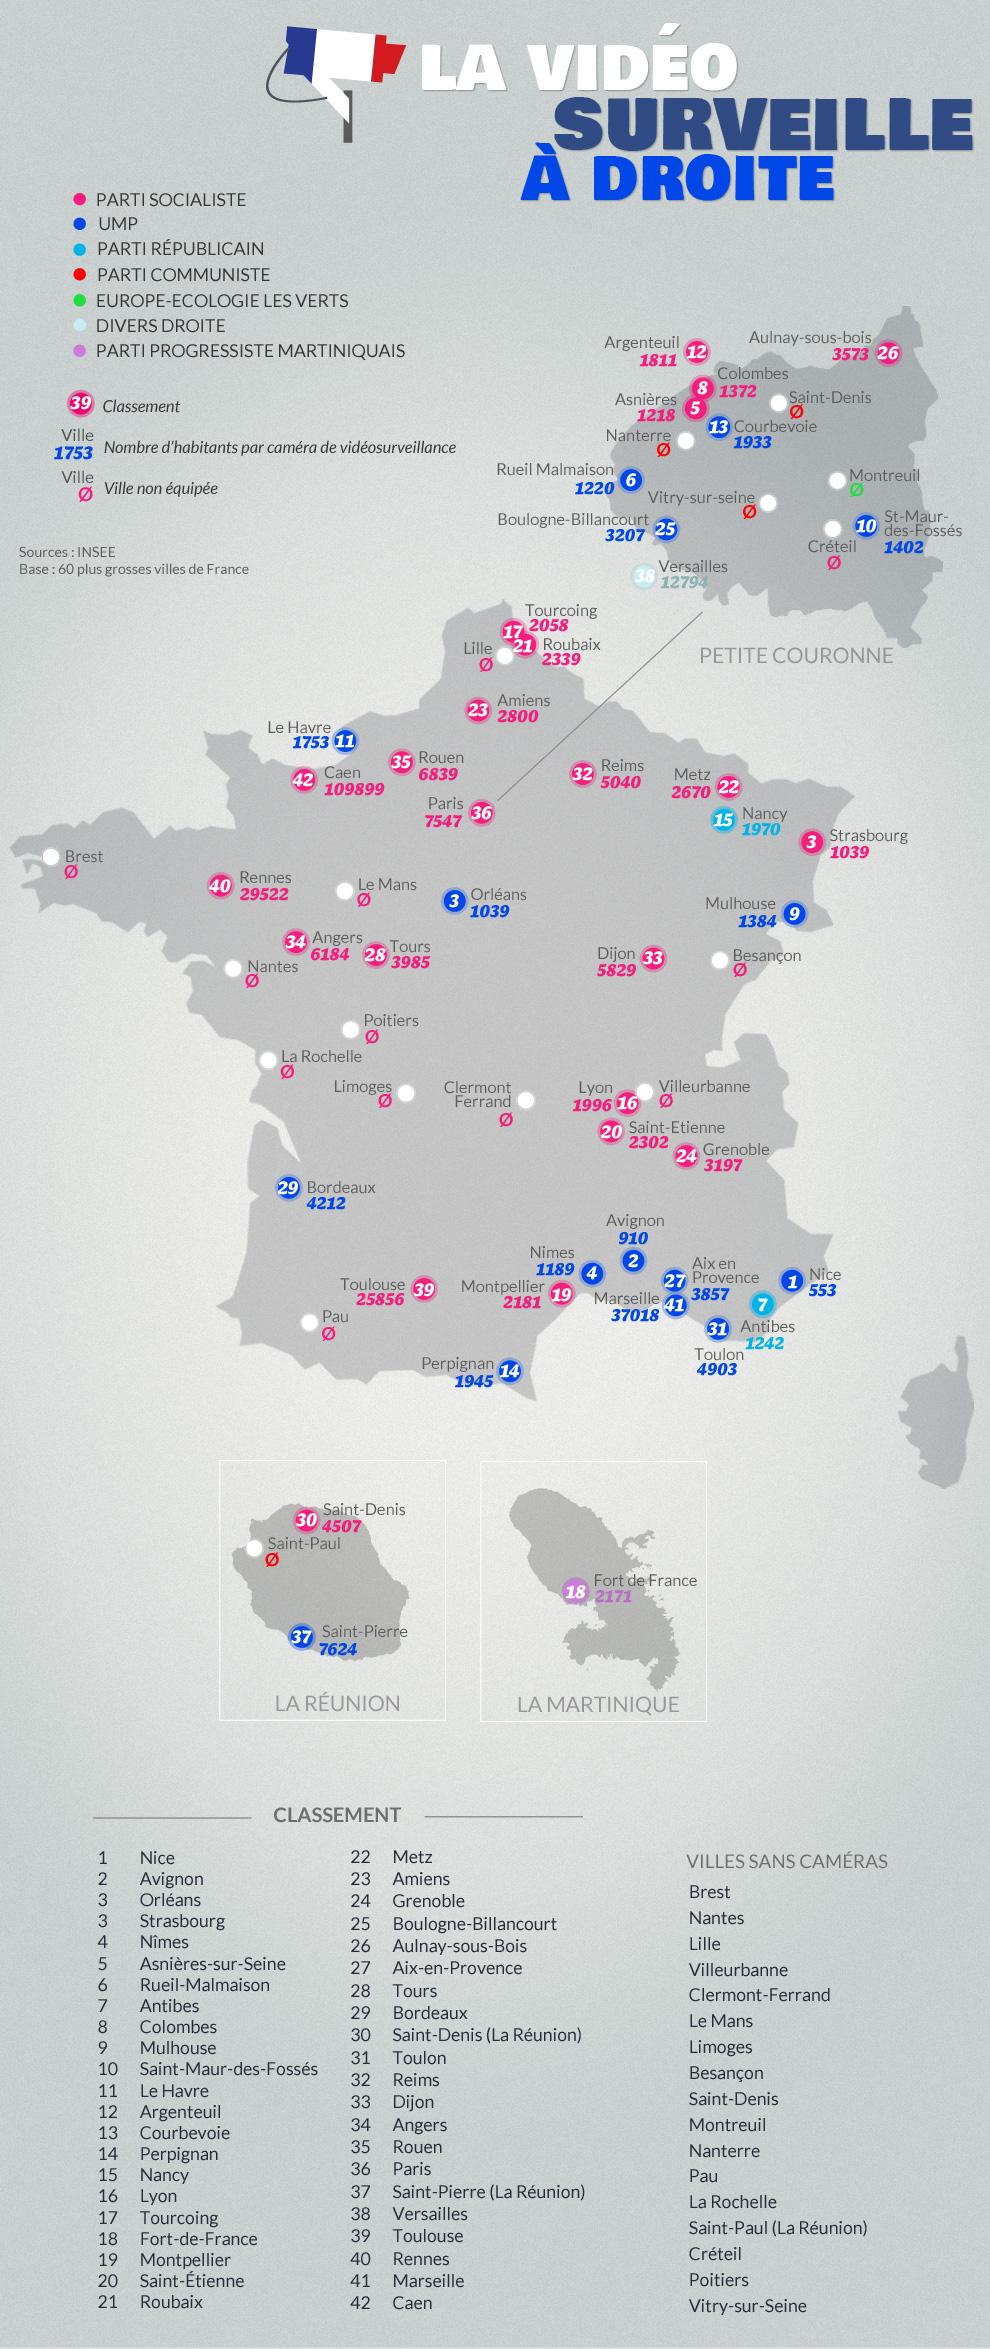 nombre d'habitants par caméras dans les 60 plus grandes villes de France et leur étiquette politique.